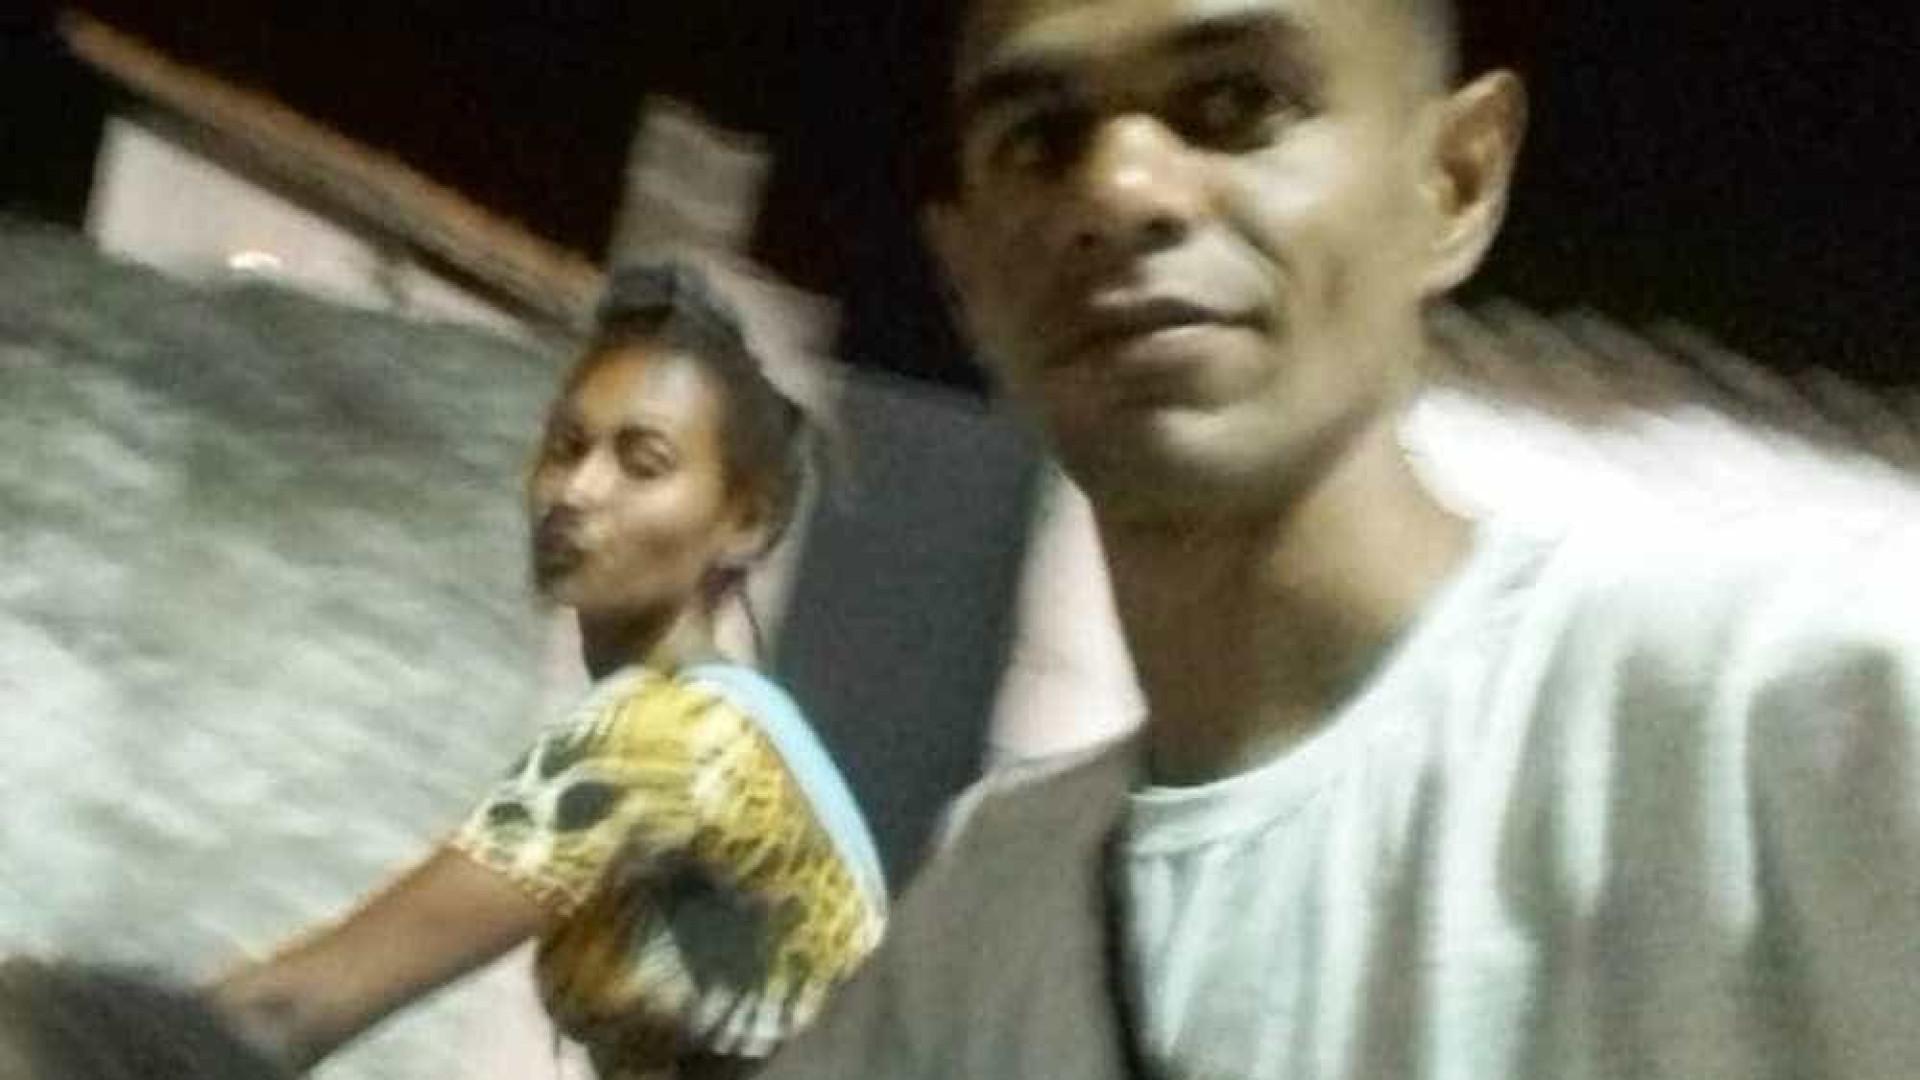 Homem que ficou preso acusado de roubar R$ 50 é inocentado pela Justiça